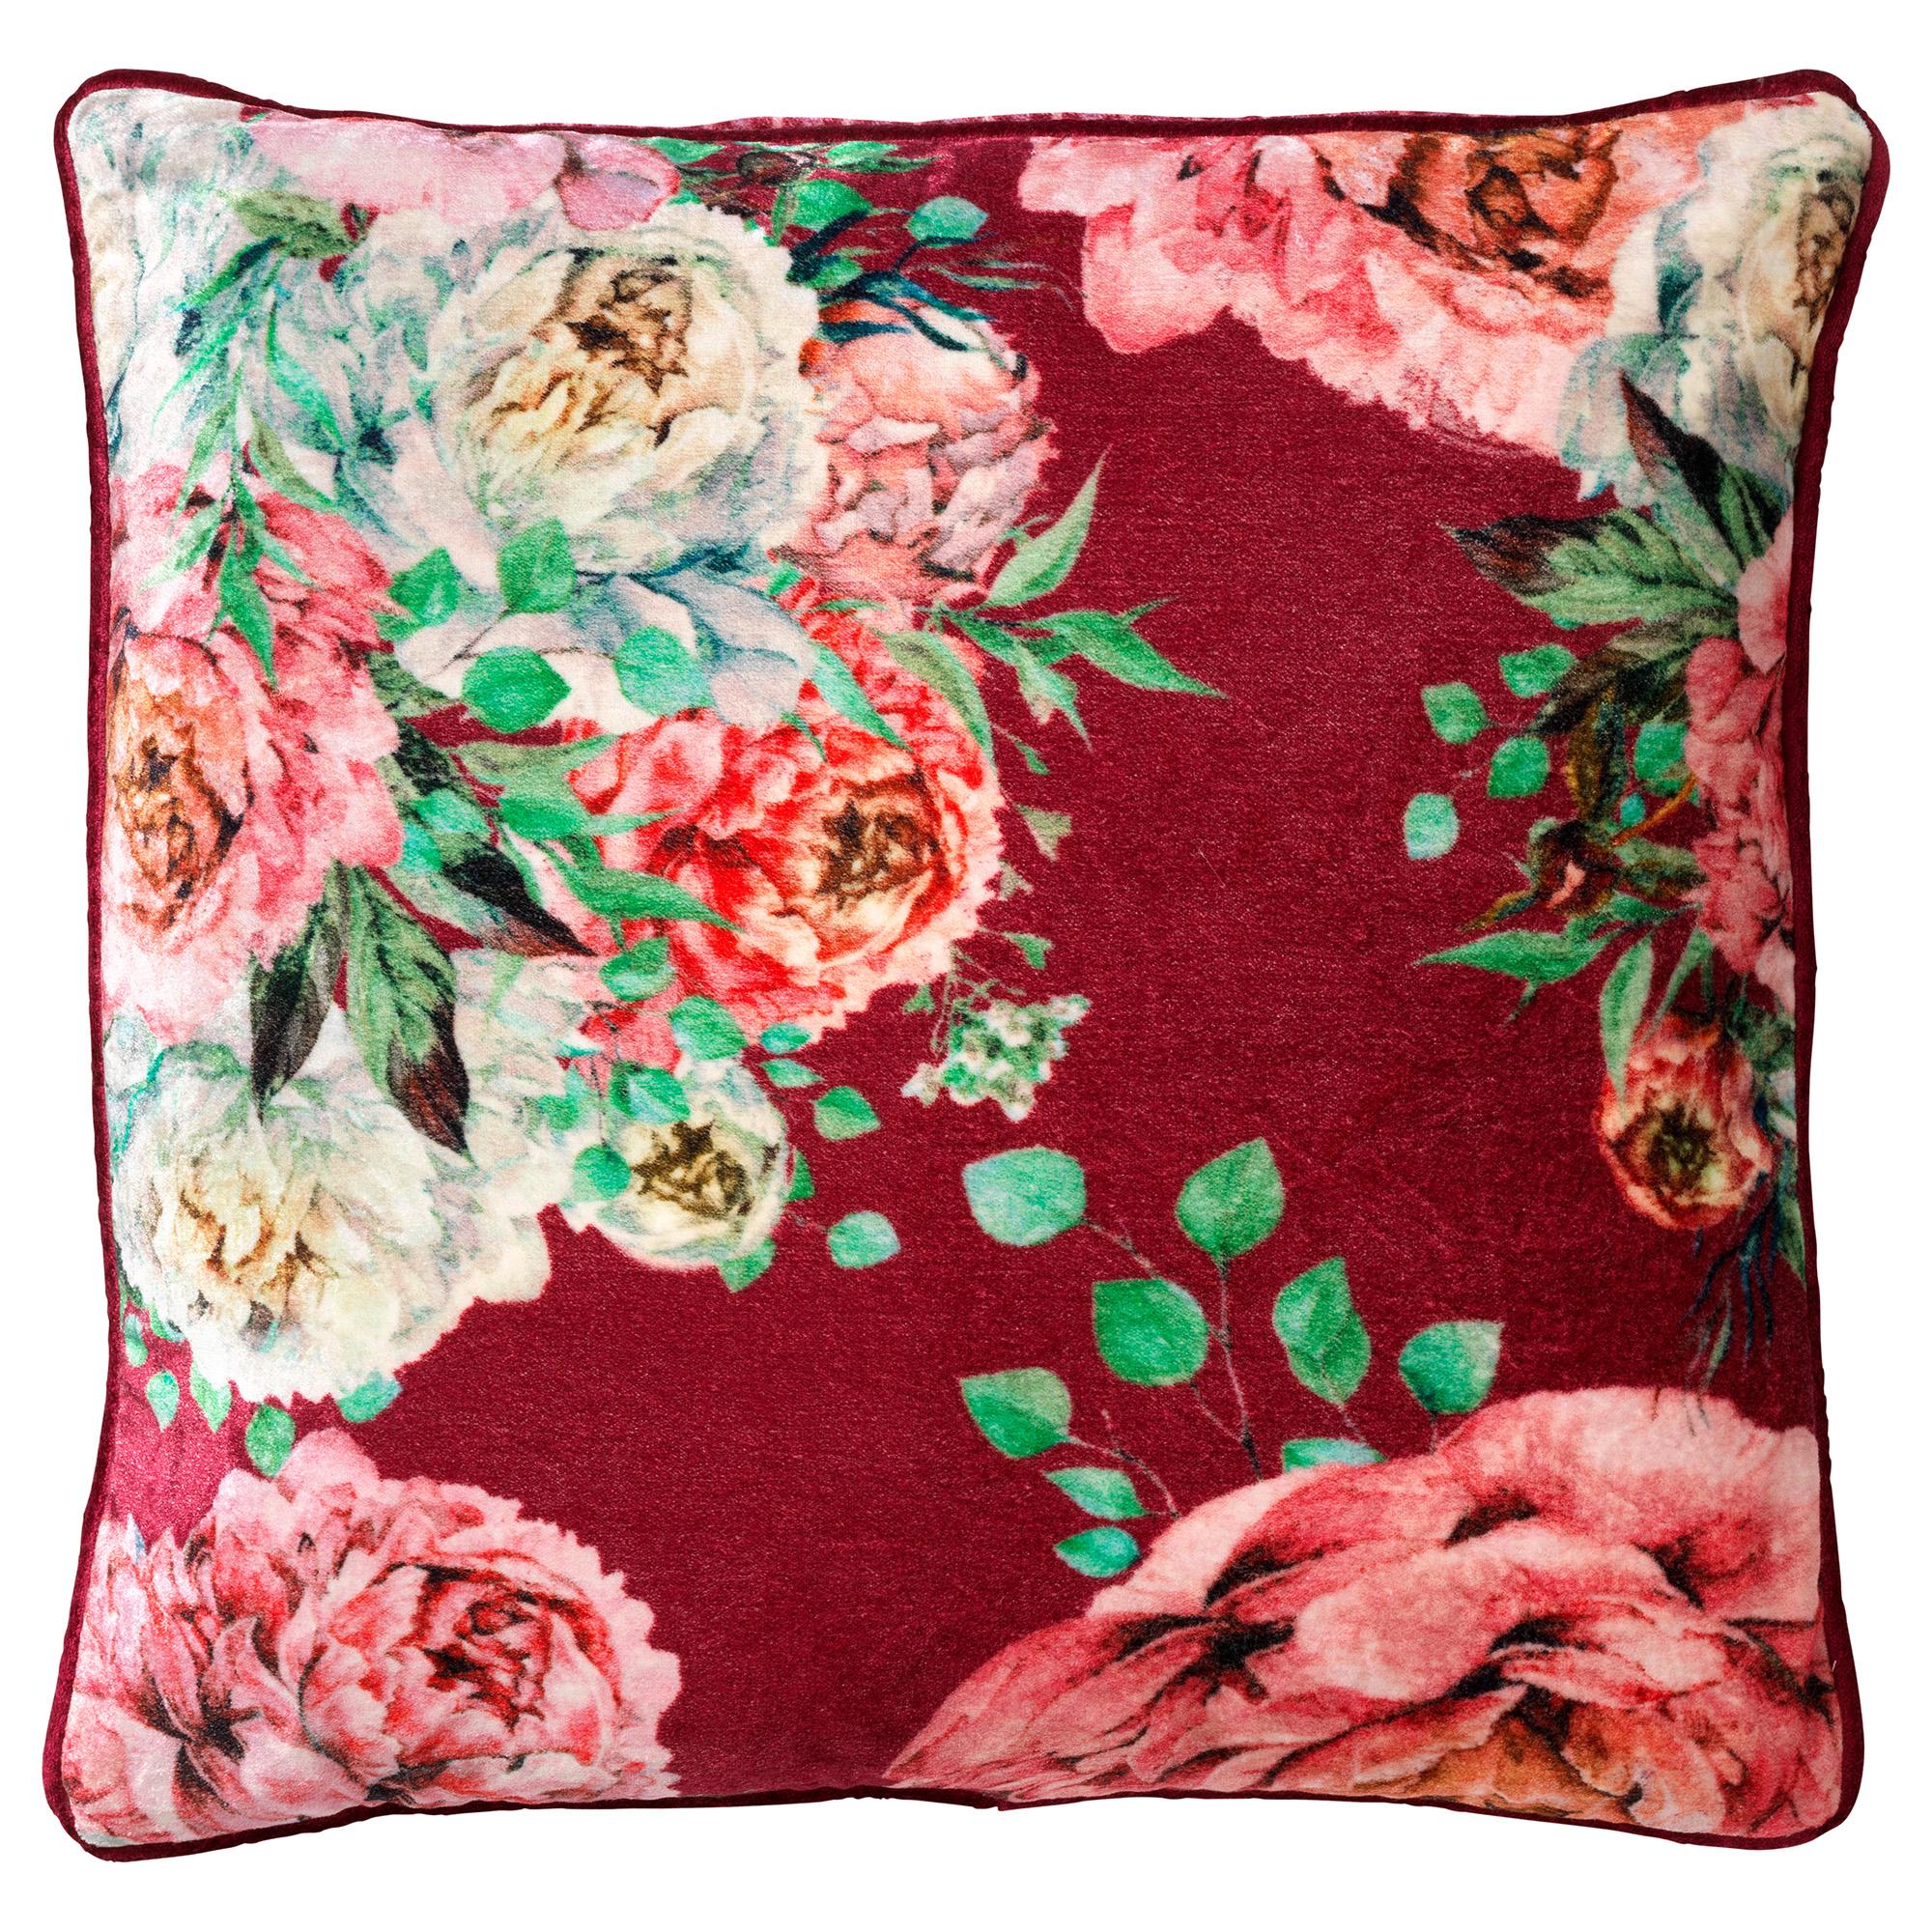 Housse de coussin en velours avec des fleurs Prune rouge 45x45